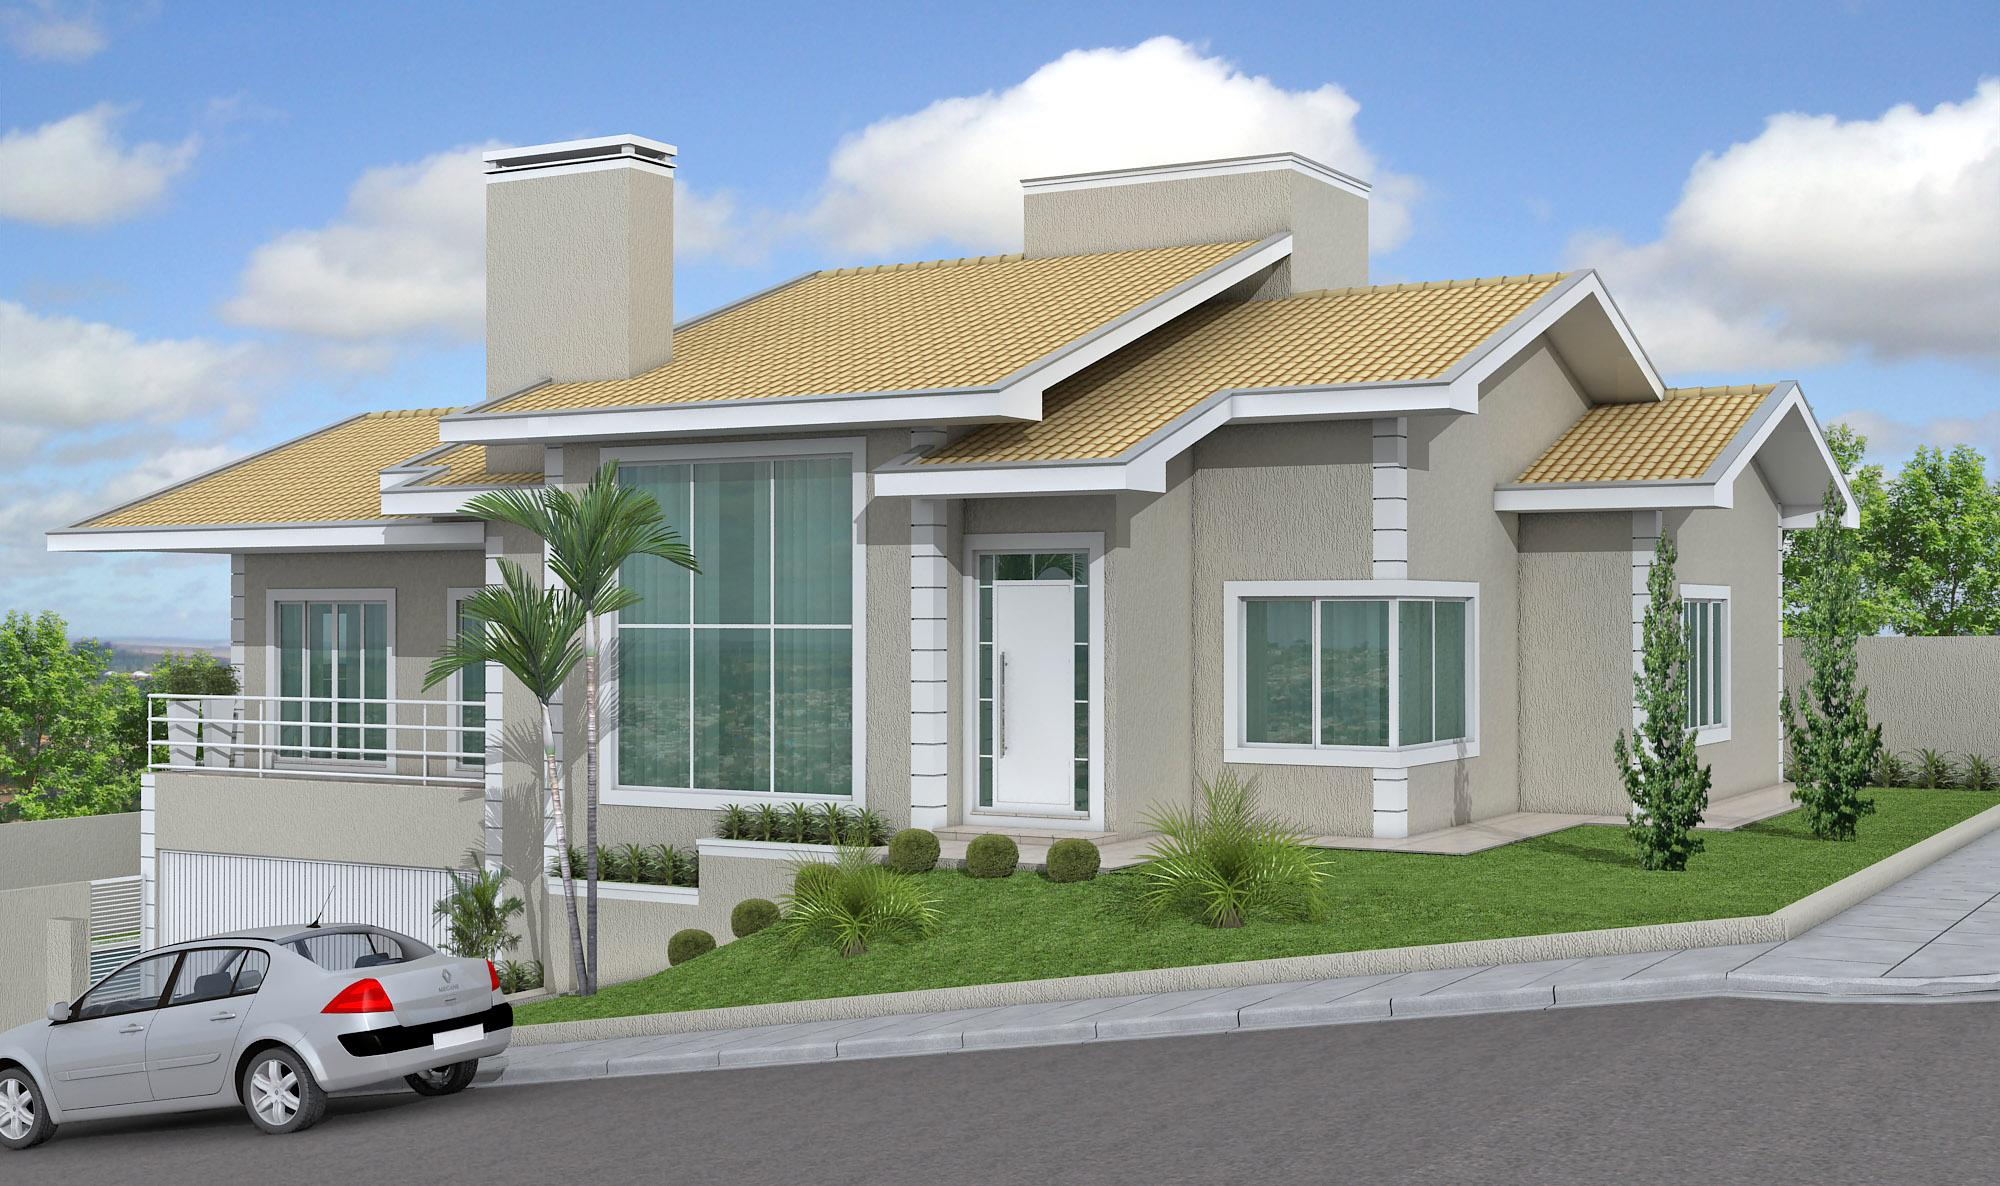 50 fachadas de casas de esquina lindas e inspiradoras for Fachadas para residencias